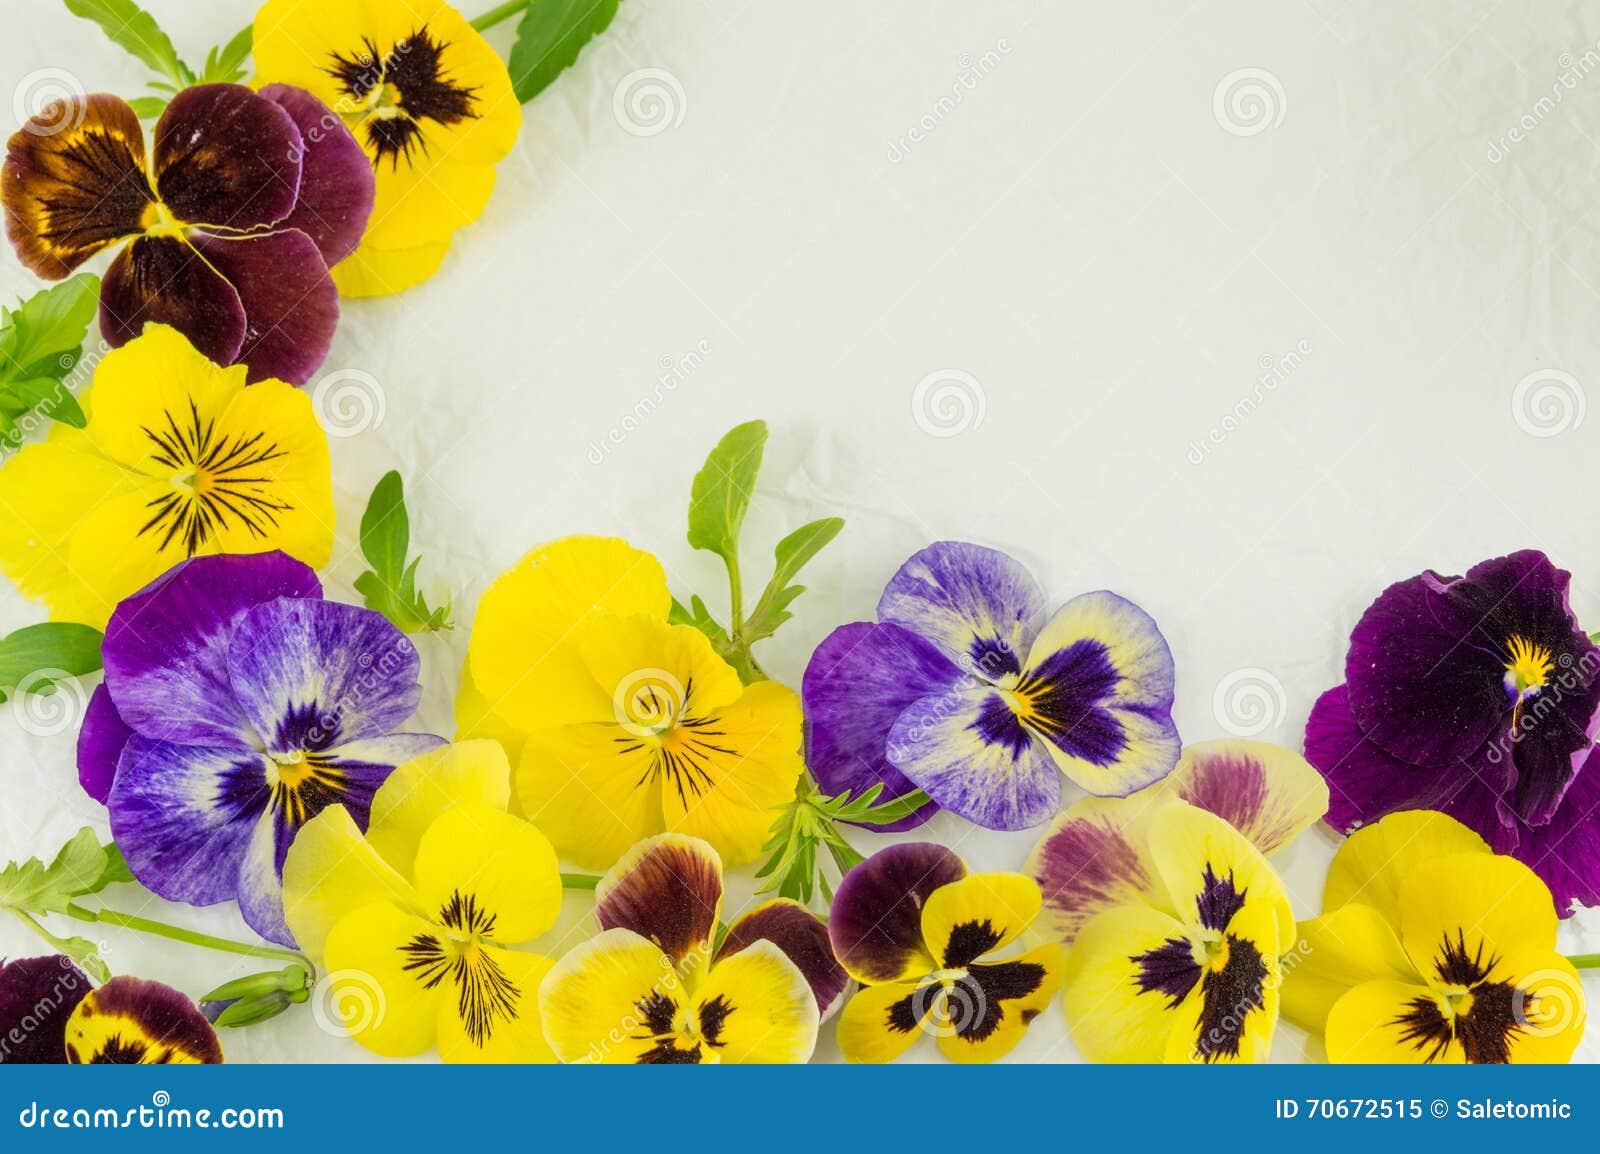 Fiori Viola Gialli.Fiori Gialli E Viola Immagine Stock Immagine Di Fiore 70672515